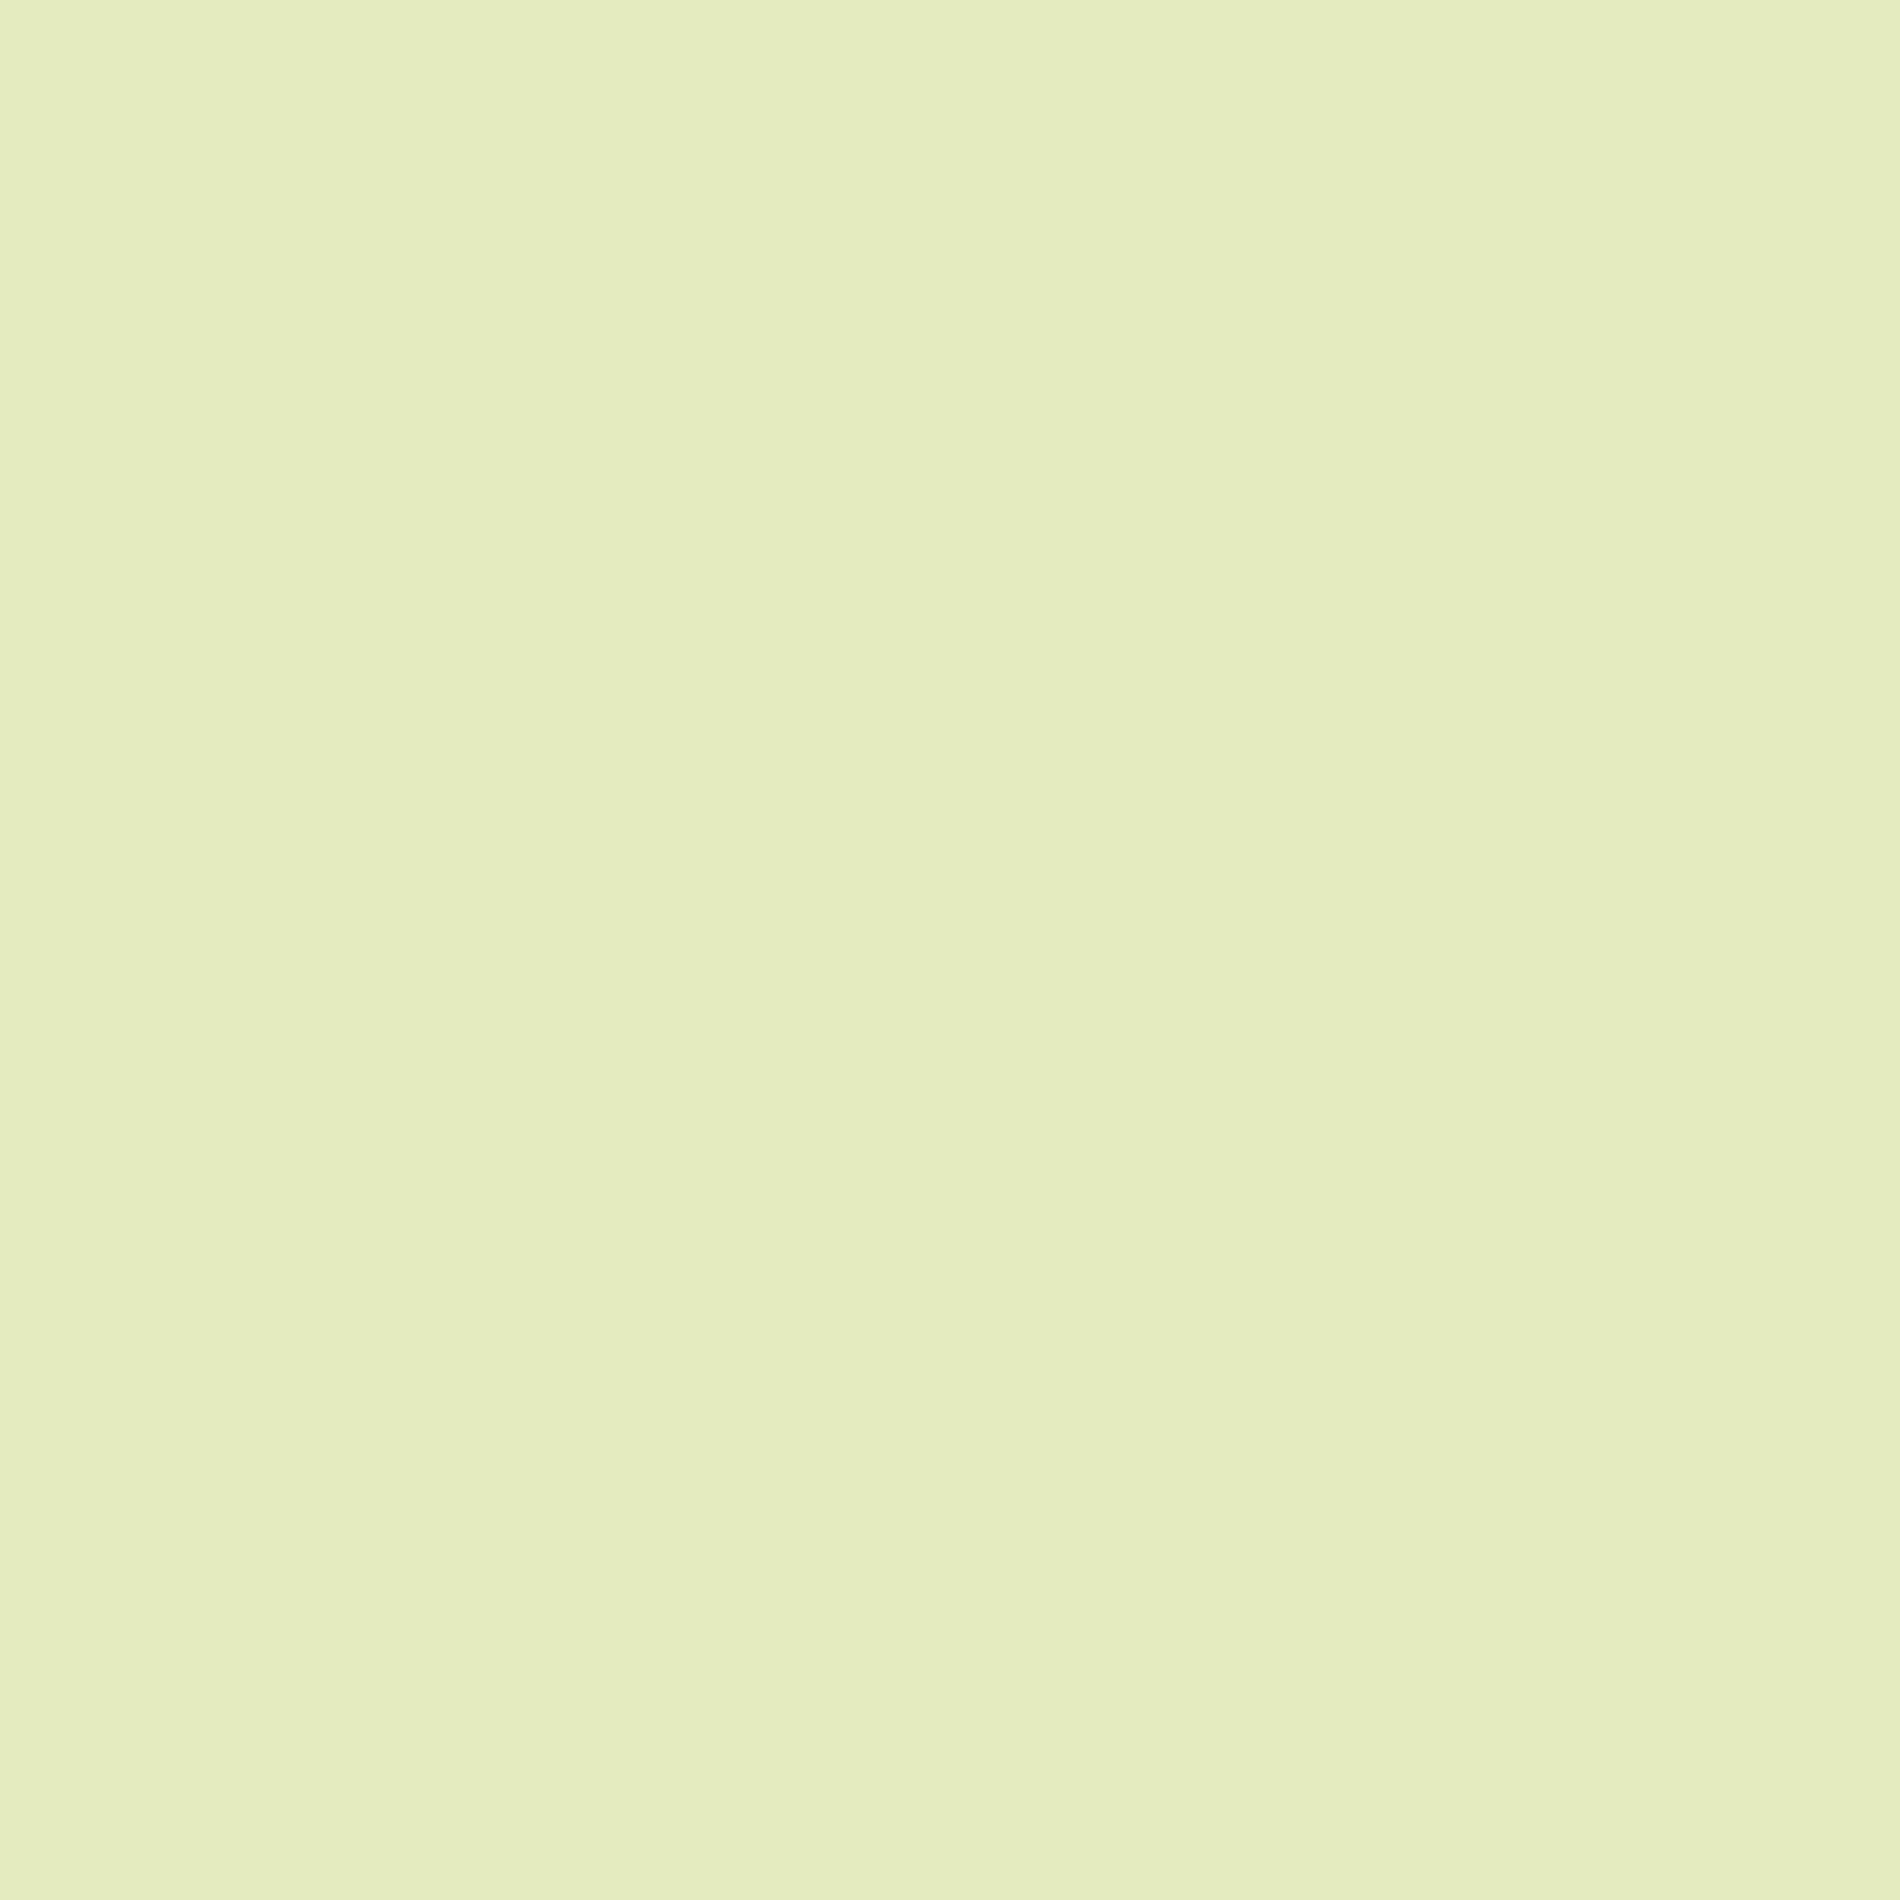 30 - kiwi